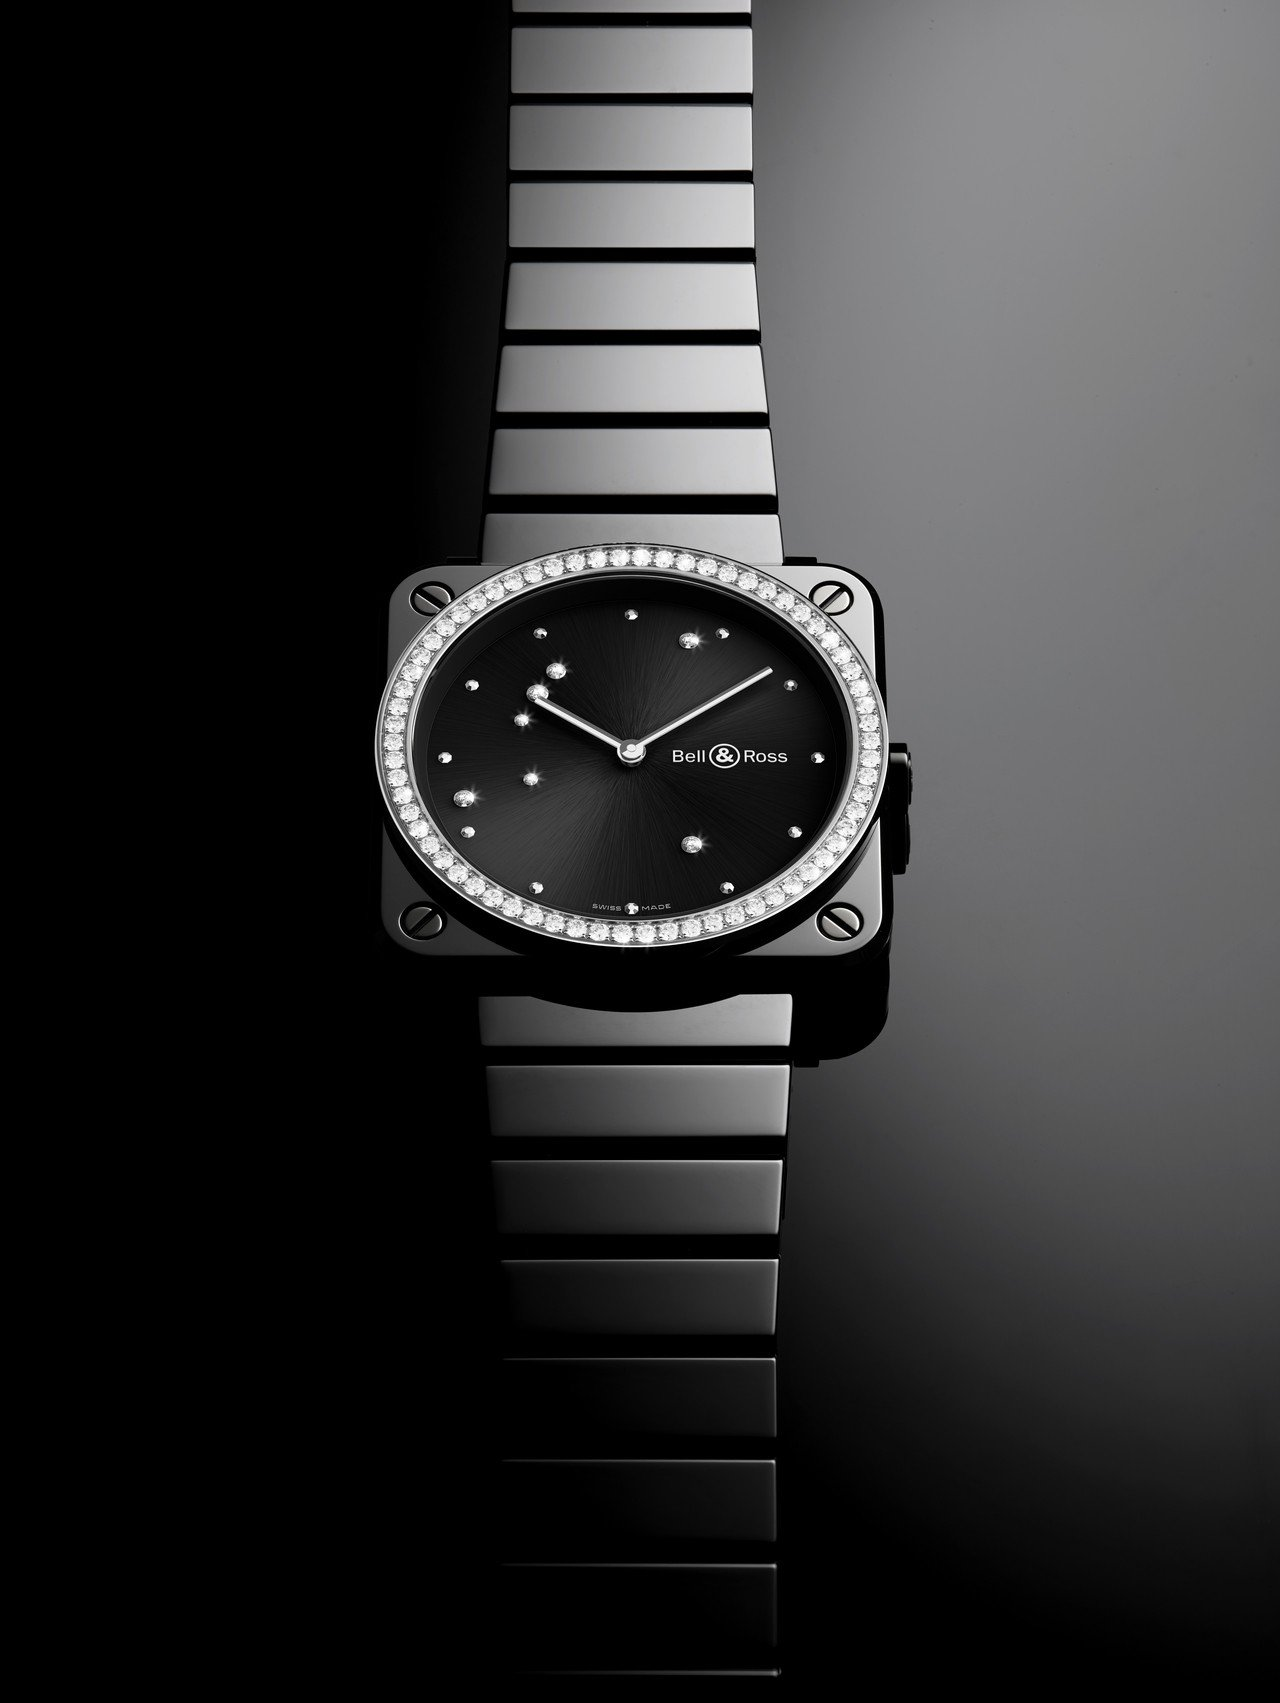 柏萊士Diamond Eagle系列女表黑色亮面陶瓷錶圈鑲鑽款,搭配陶瓷表帶,2...